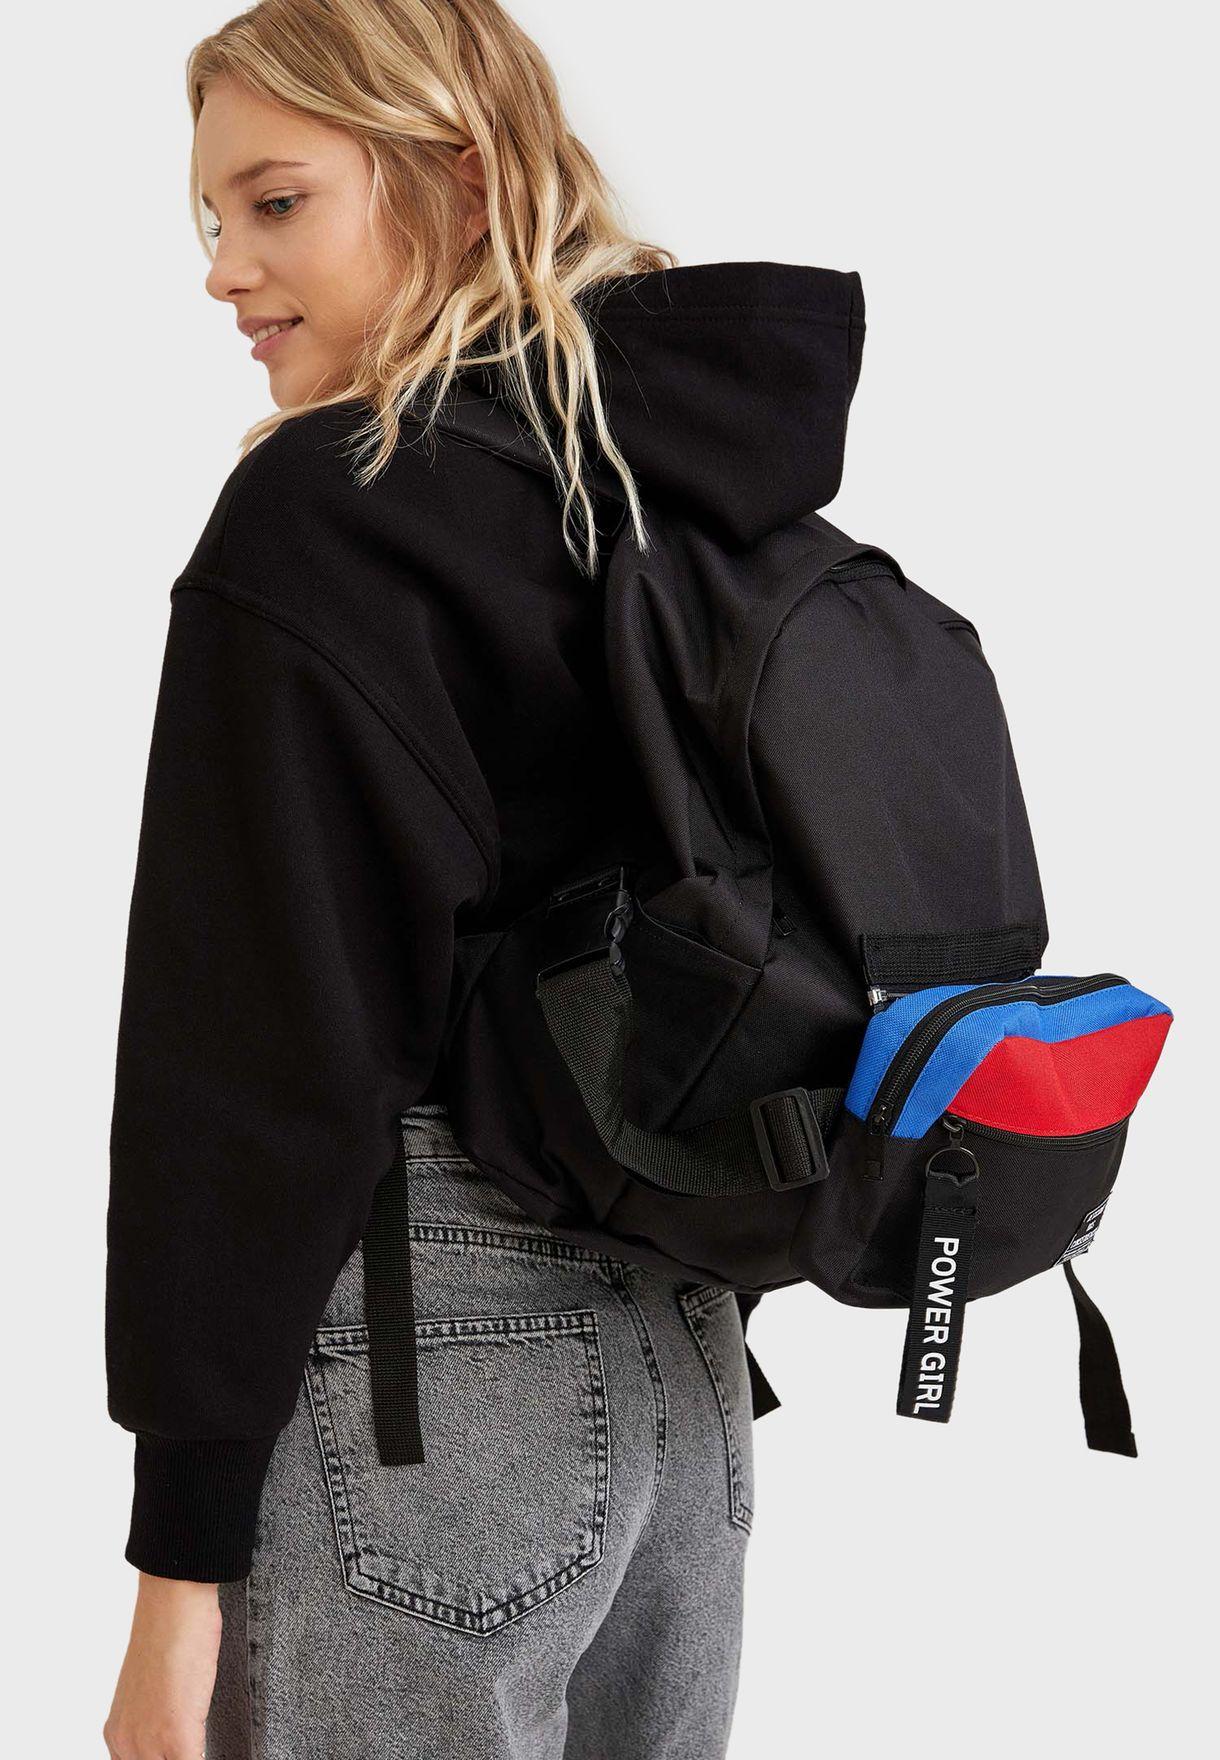 Detachable Backpack